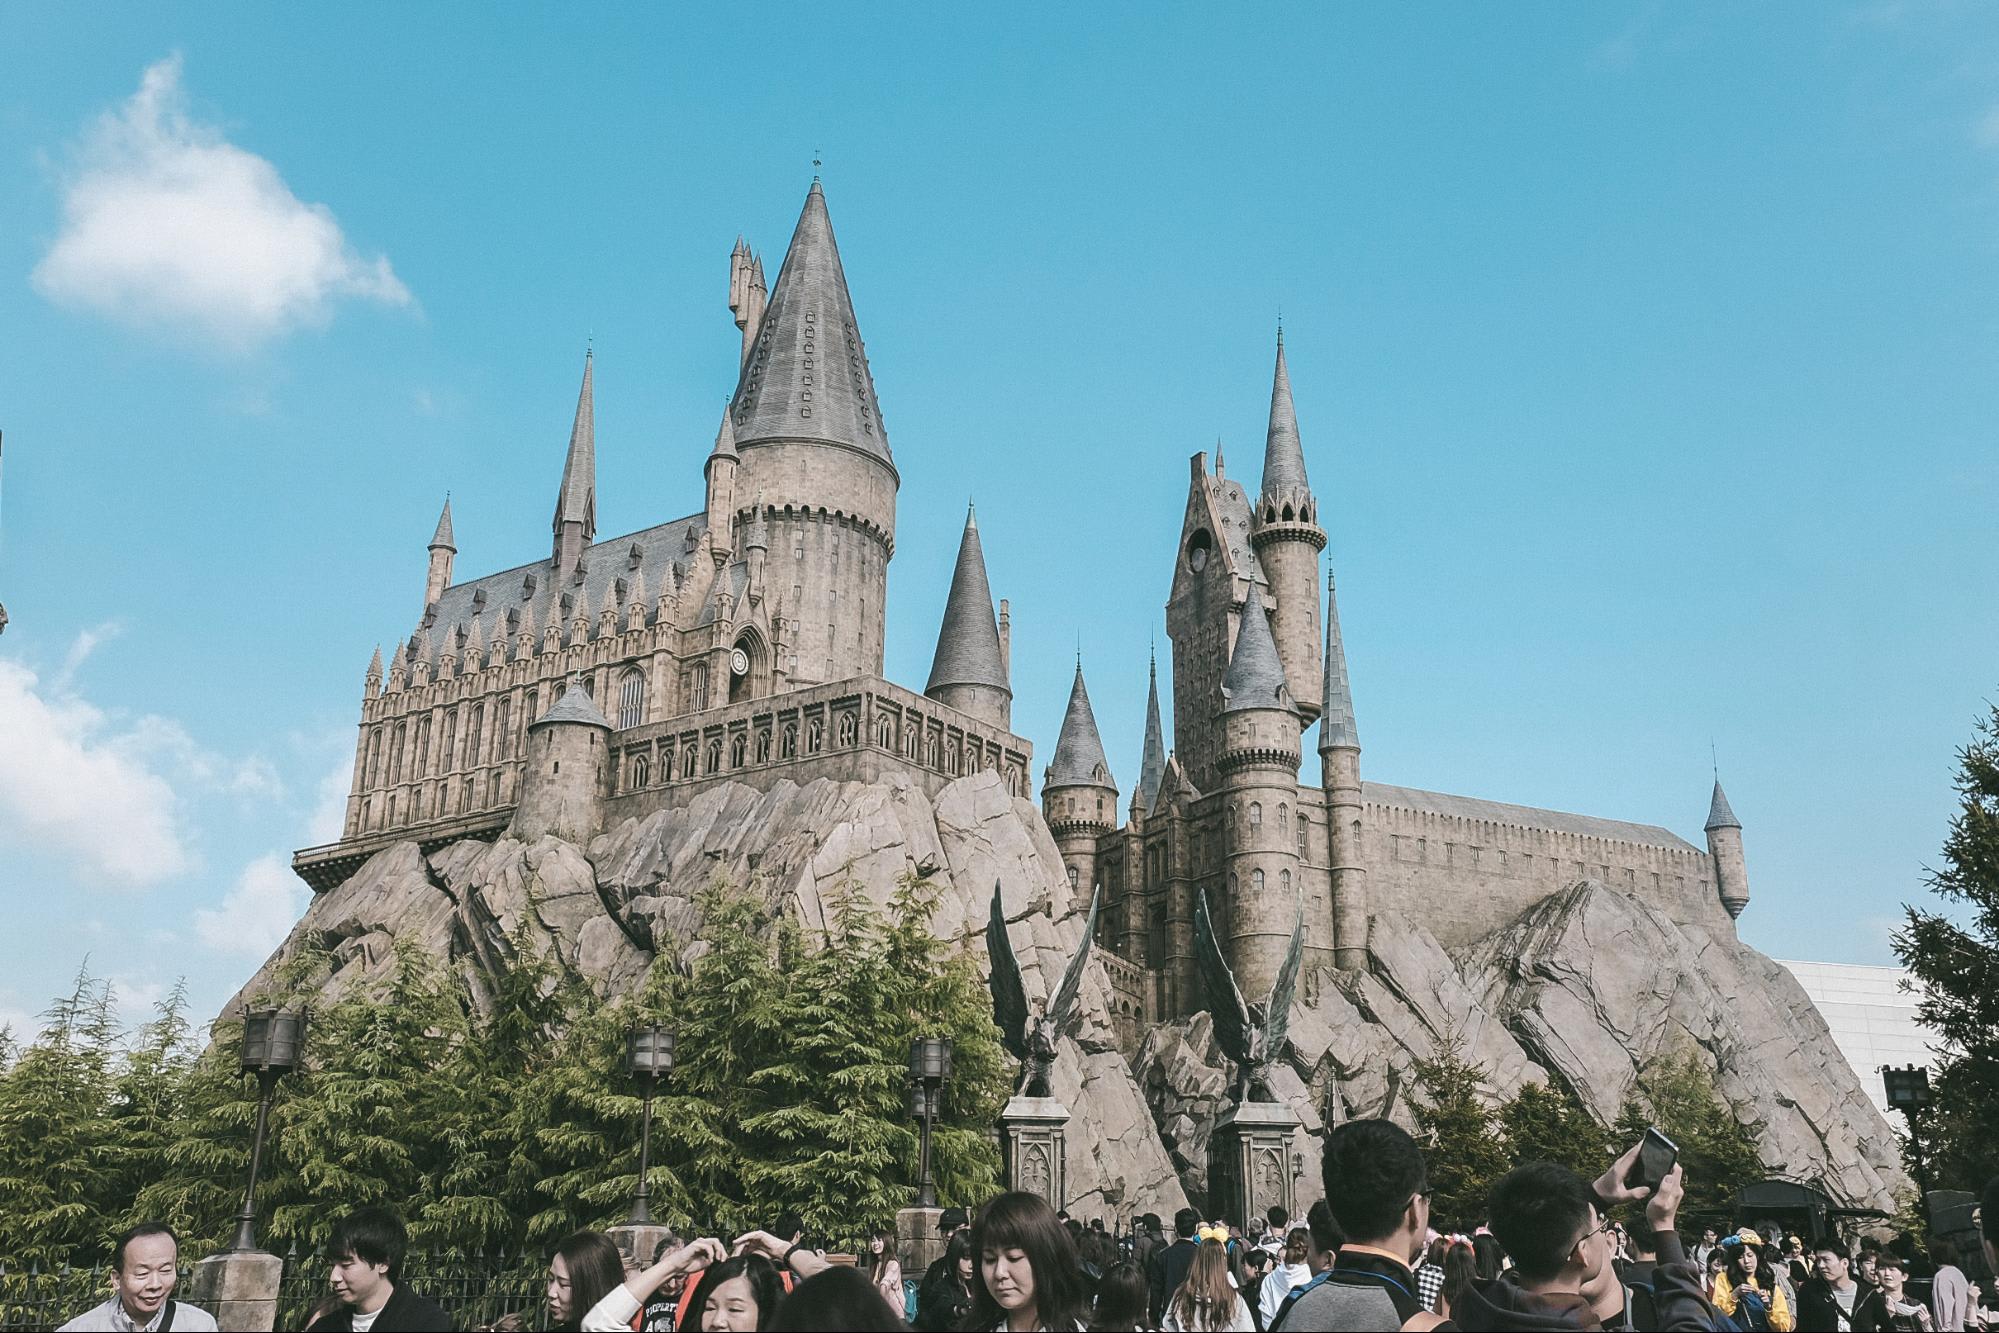 lâu đài harry potter tại universal studios japan